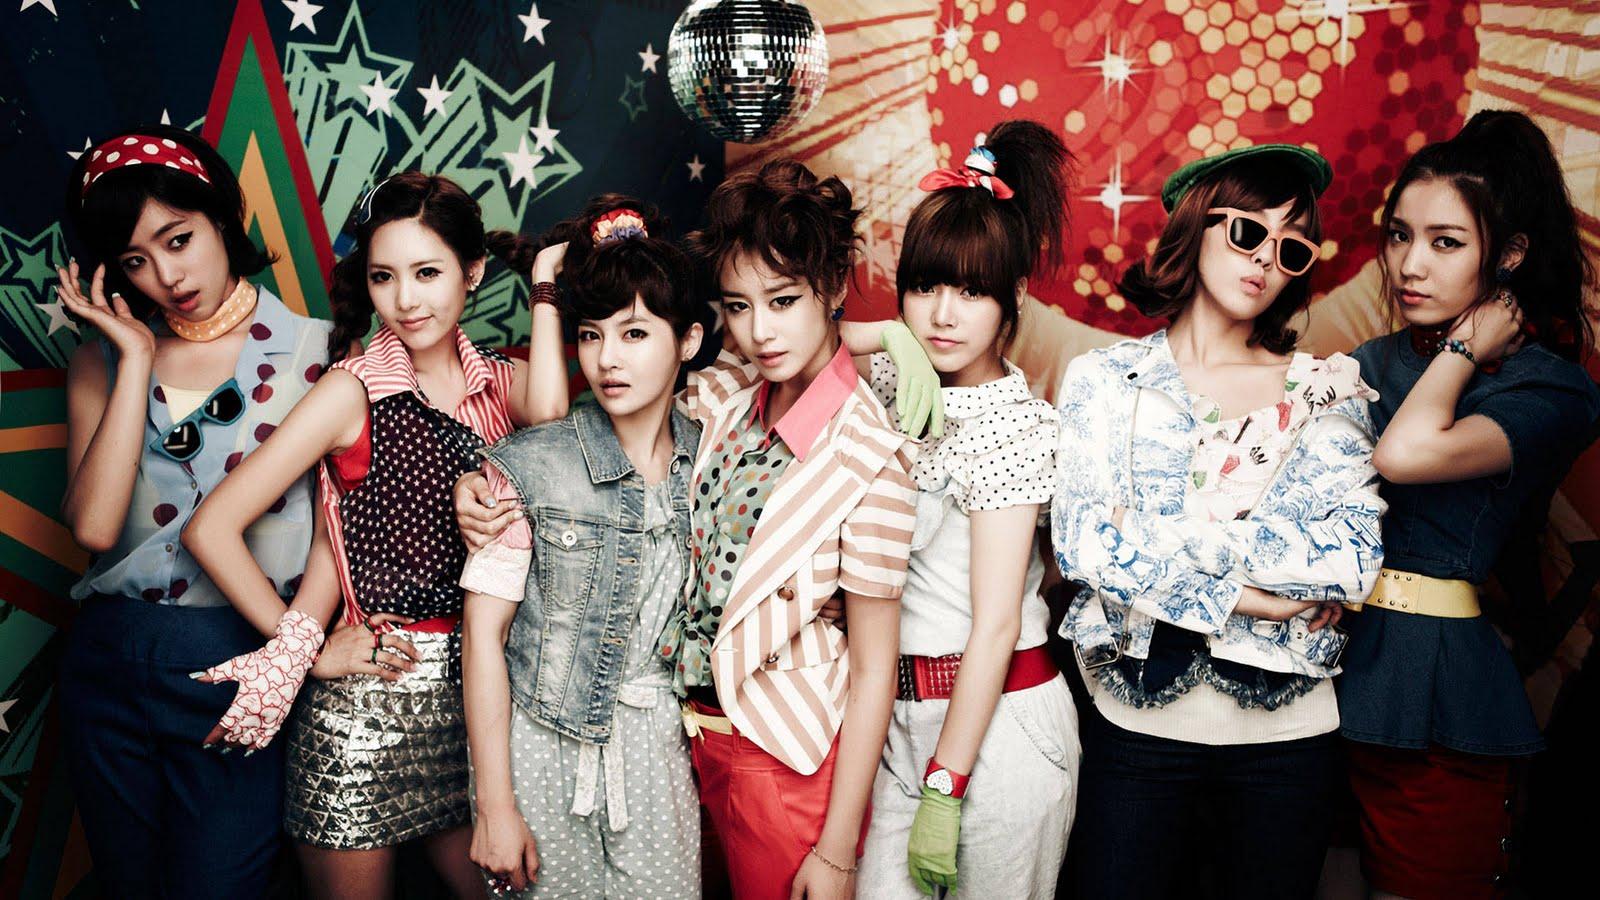 Sao Việt : Lý do gì khiến các thành viên rời nhóm và công ty gây chấn động Kpop?